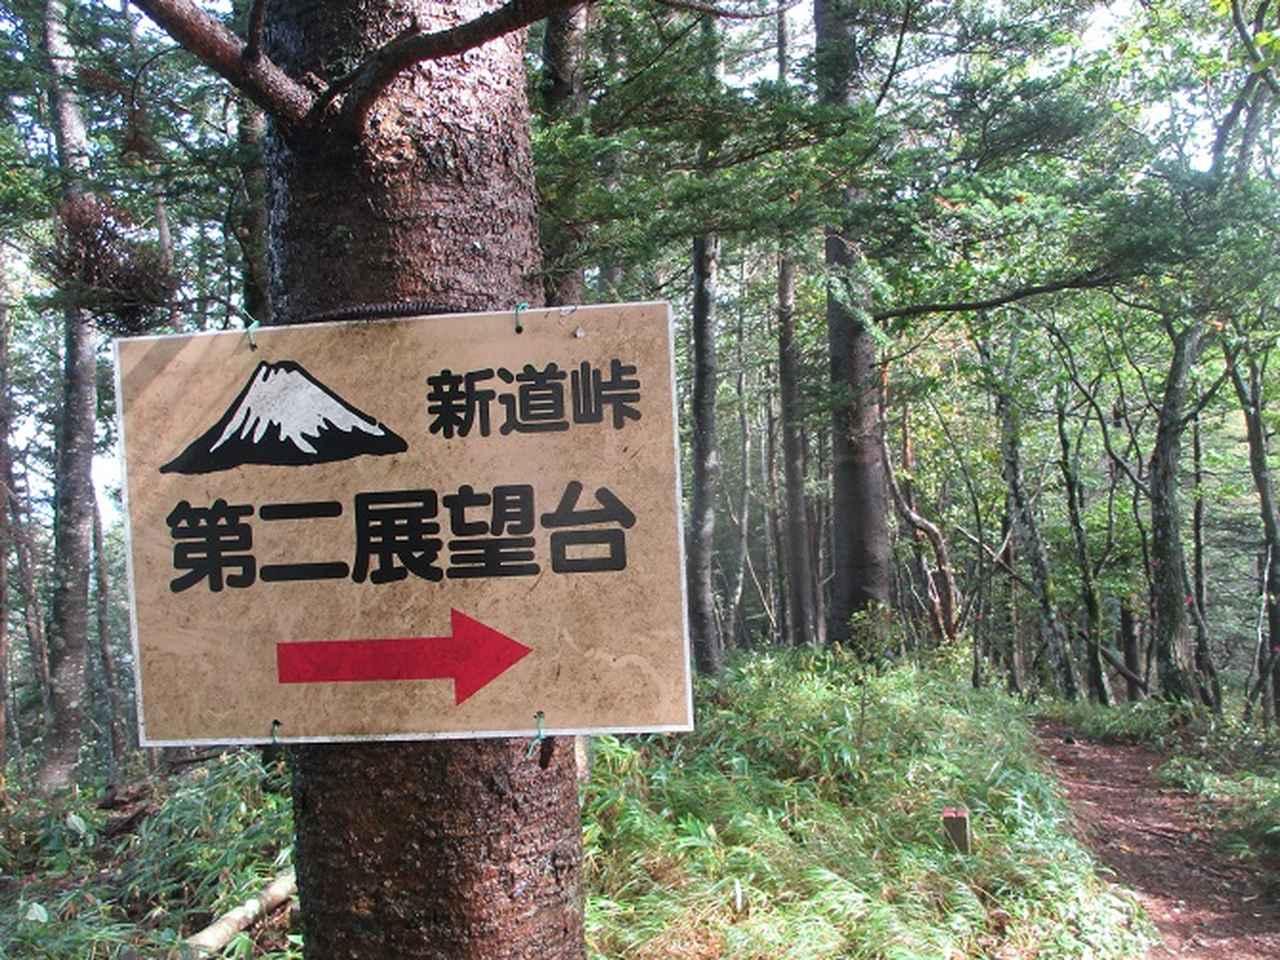 画像8: 10月の山旅会 「御坂黒岳」 ツアーの下見に行ってきました!